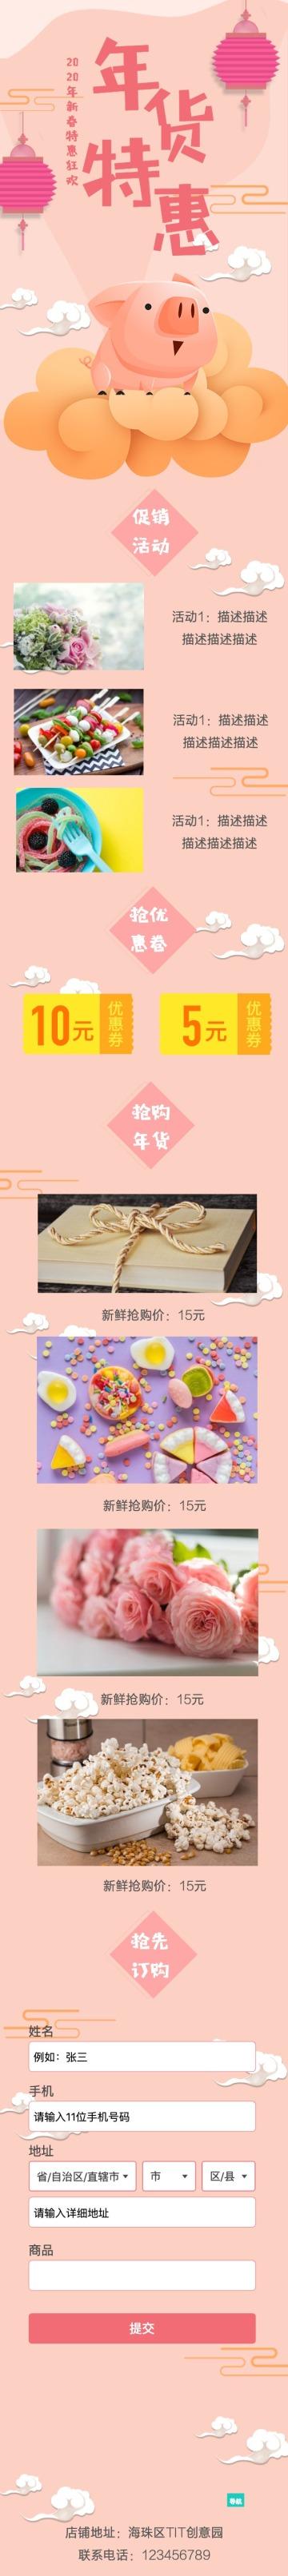 扁平简约百货零售春节年货促销推广介绍单页